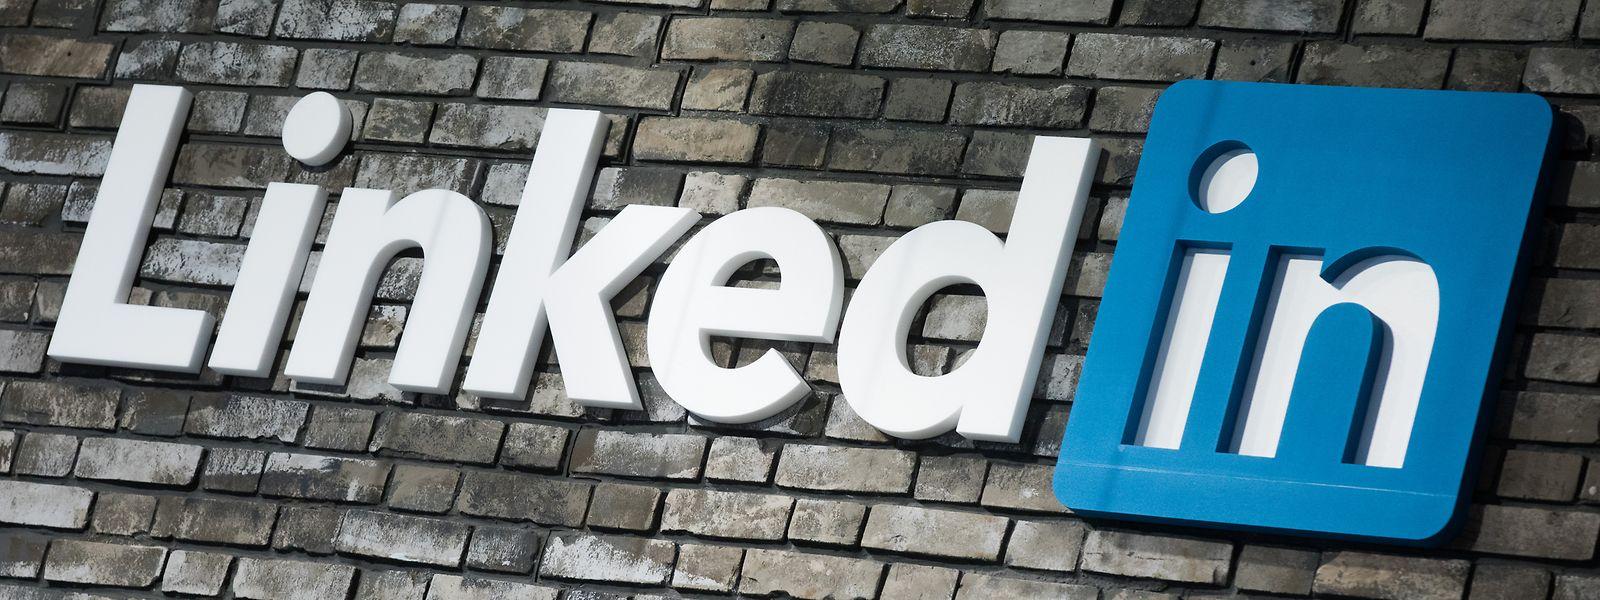 Après Facebook, c'est au tour de LinkedIn de devoir affronter une exploitation non souhaitée des données de ses utilisateurs. A ce jour, aucune information sur le nombre de comptes luxembourgeois n'a été donnée.